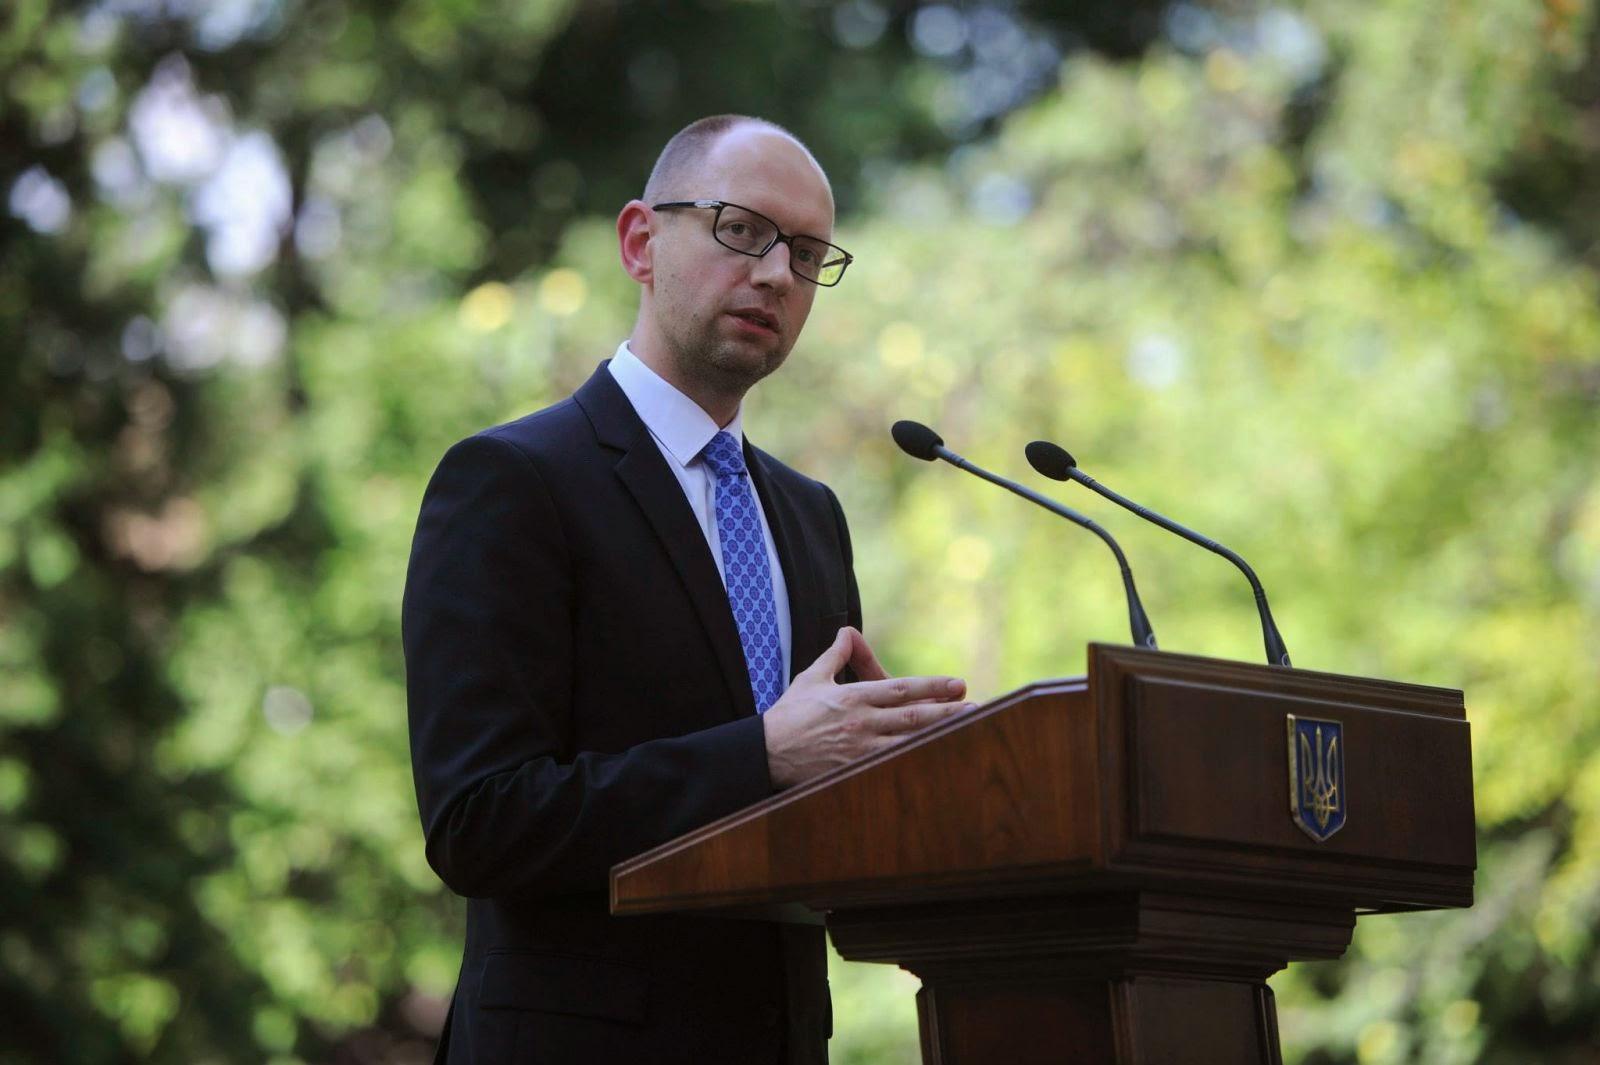 Уряд України розробив пакет податкових законів, який повністю змінює правила гри в економіці.